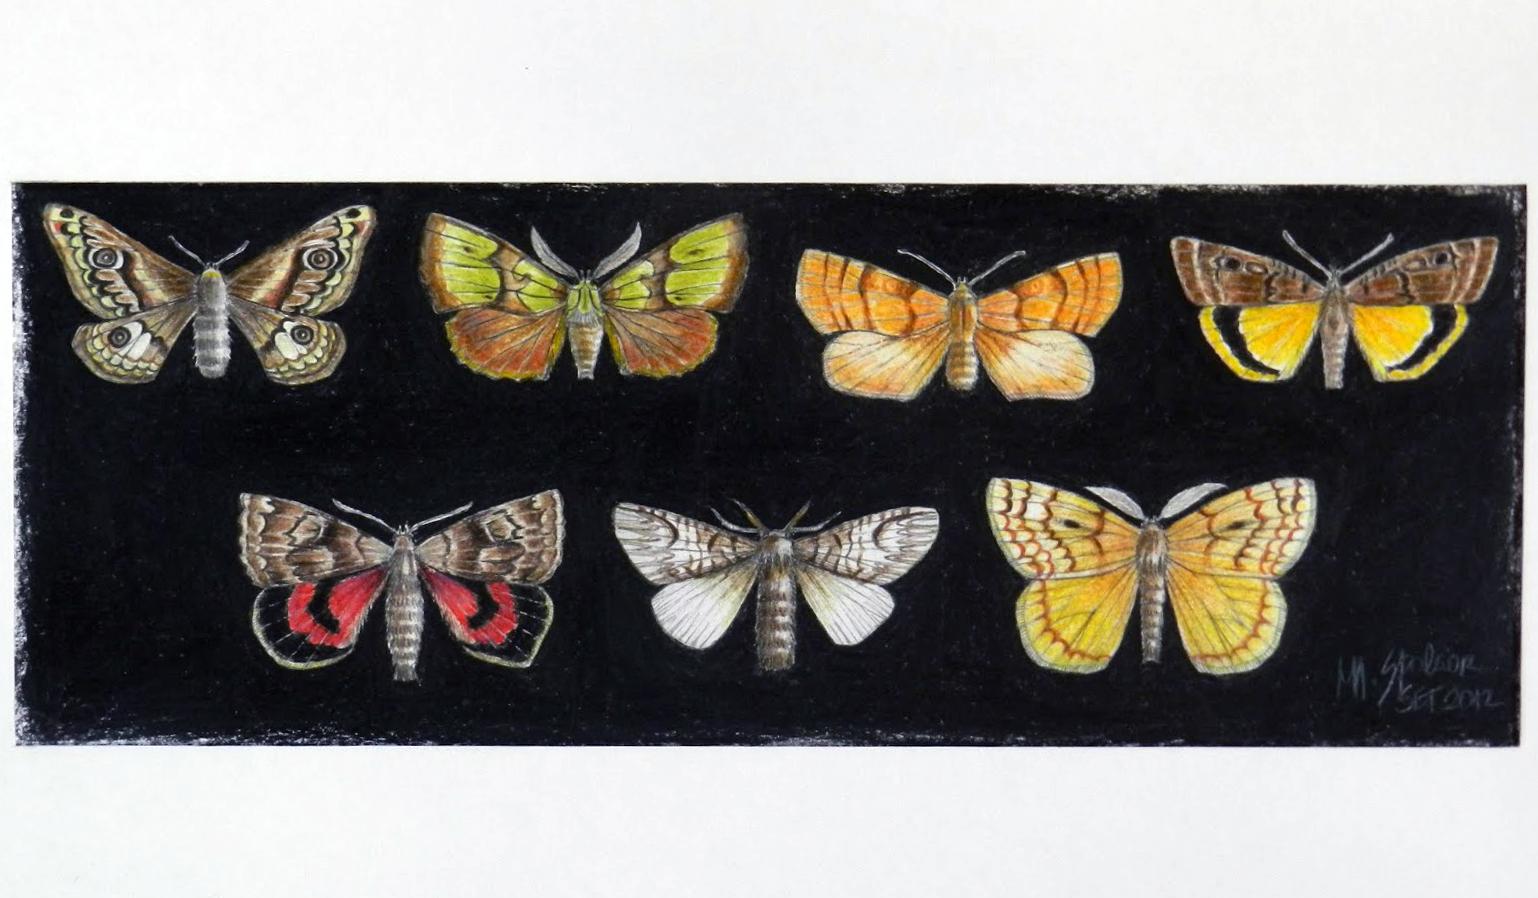 7 mariposas em fundo preto